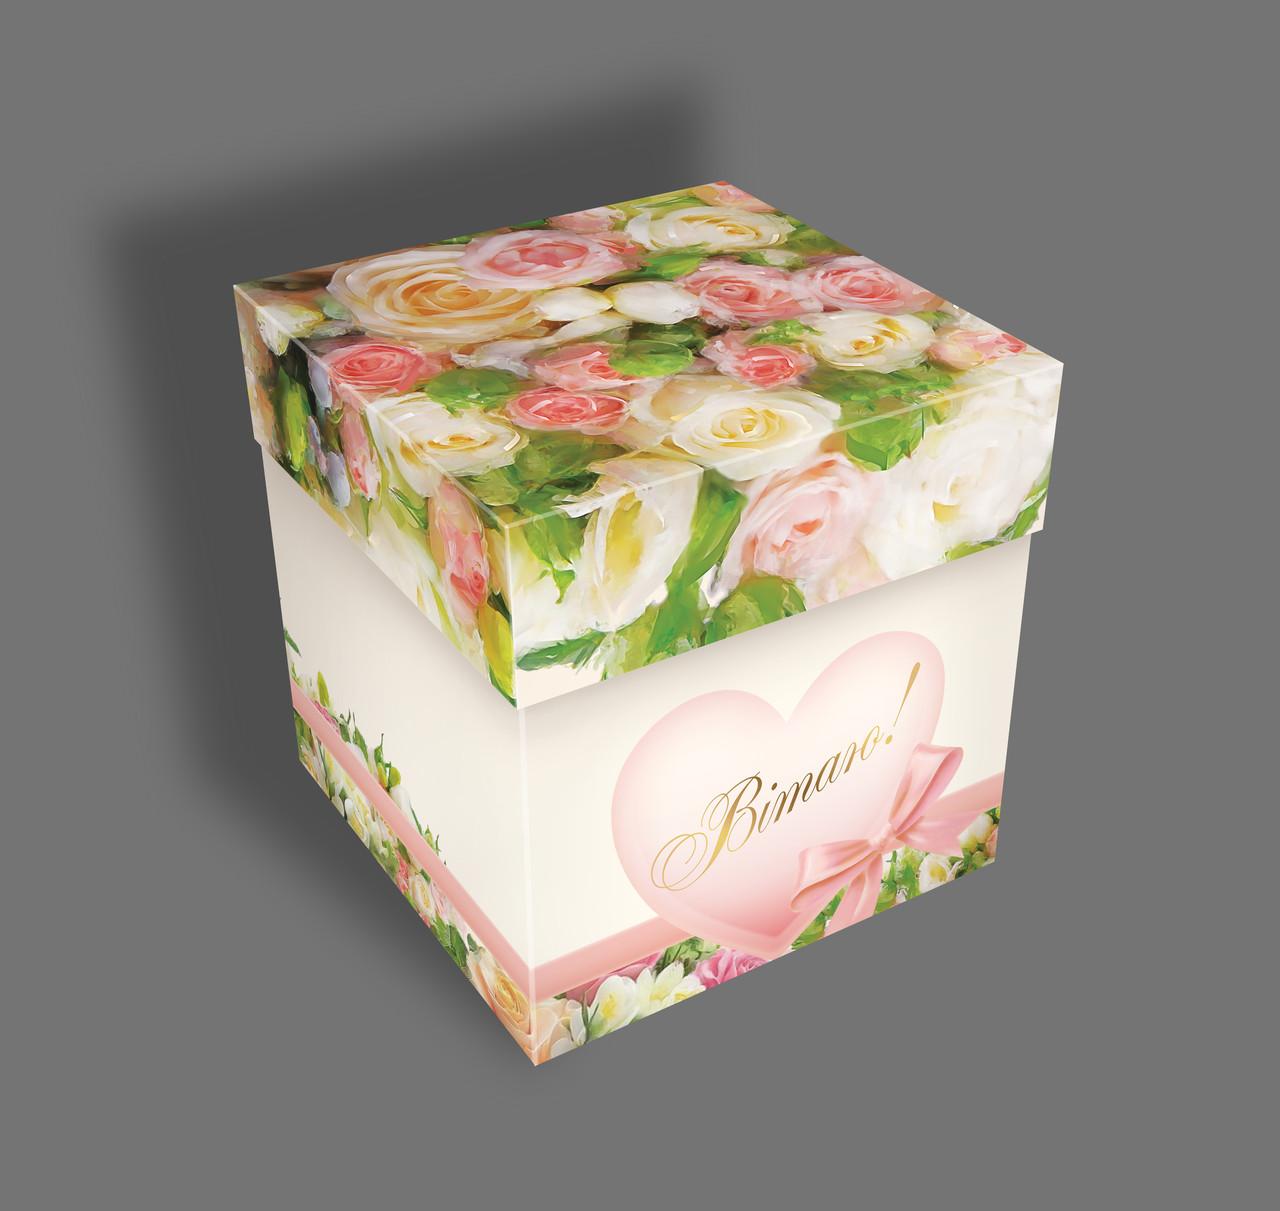 Подарочная бумажная коробка Кубик 110*110 мм Розы 500 грамм